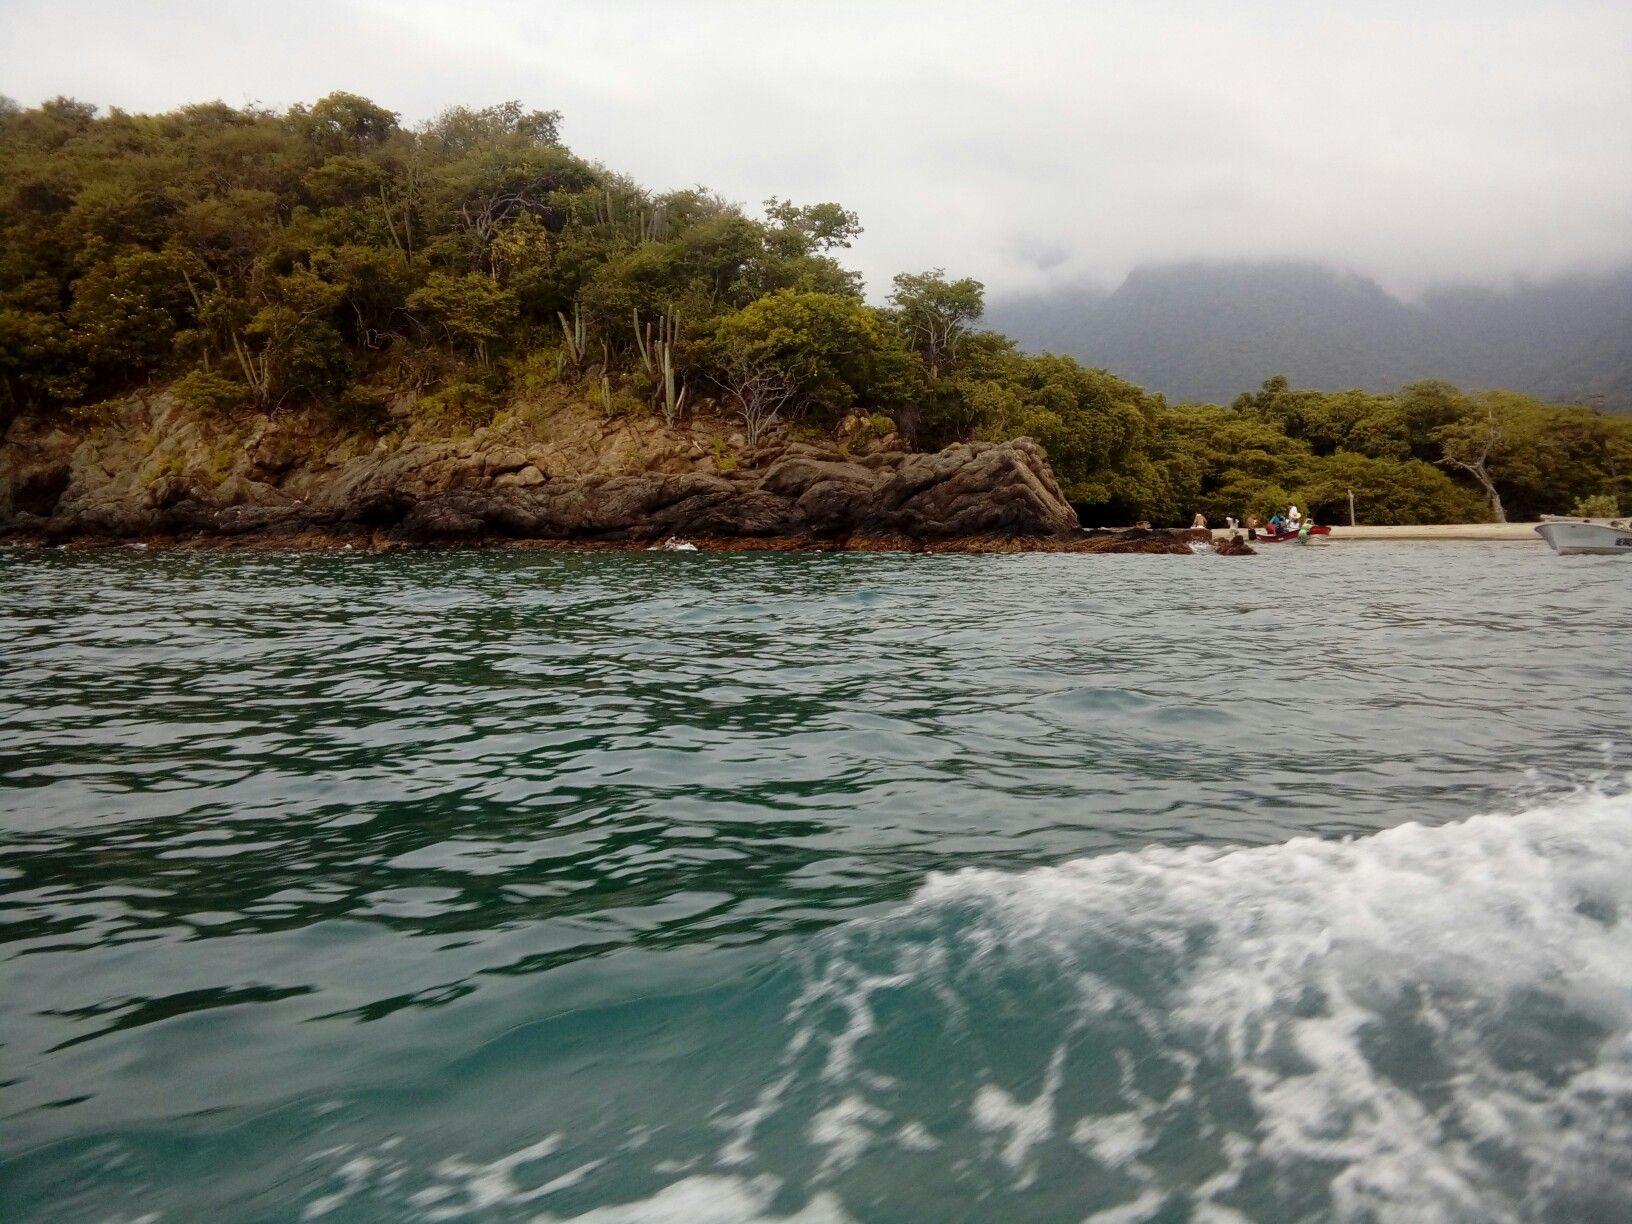 Playa cristal #Colombia #PlayadelMuerto playa del muerto #deadbeach #SantaMaría #ViveLaMagia